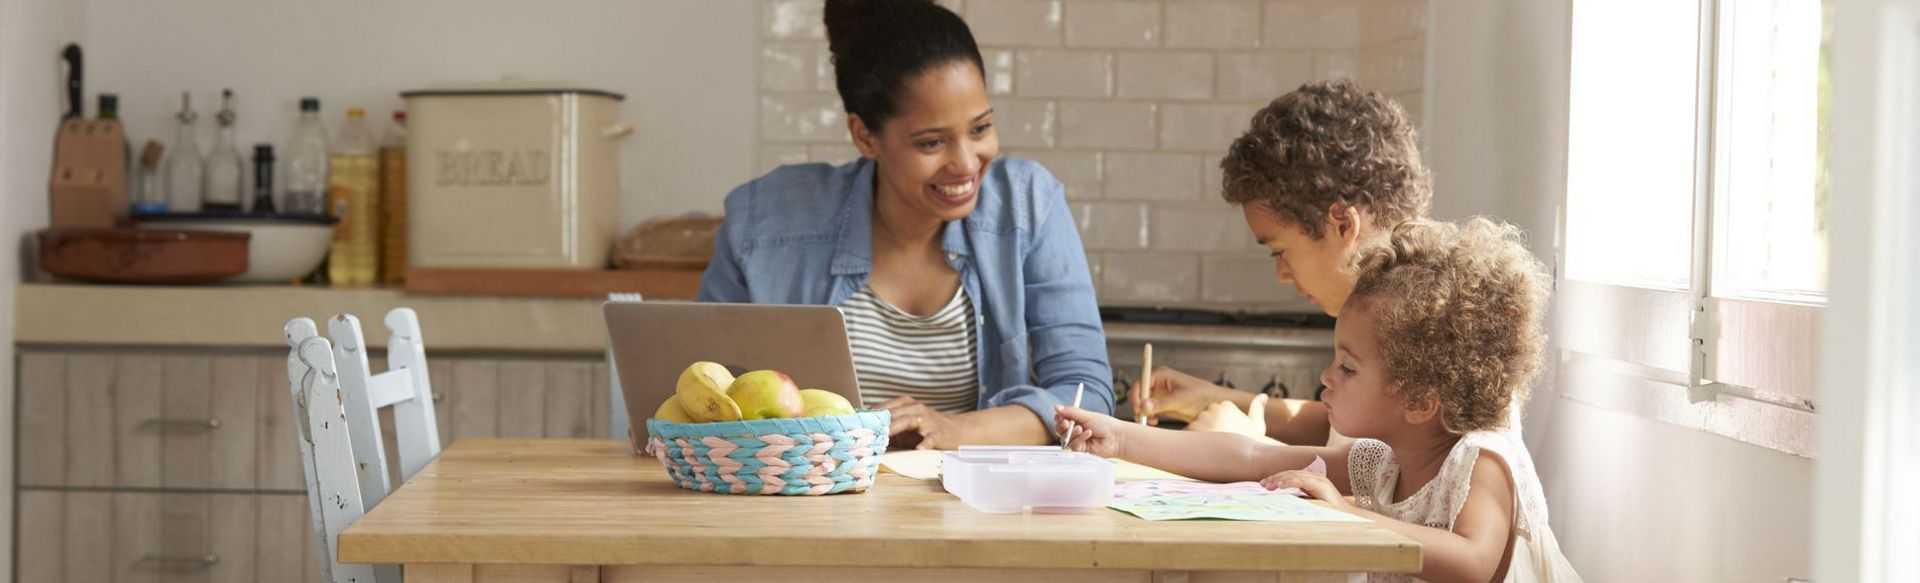 Como planejar os gastos com educação dos filhos? aprenda em 6 dicas